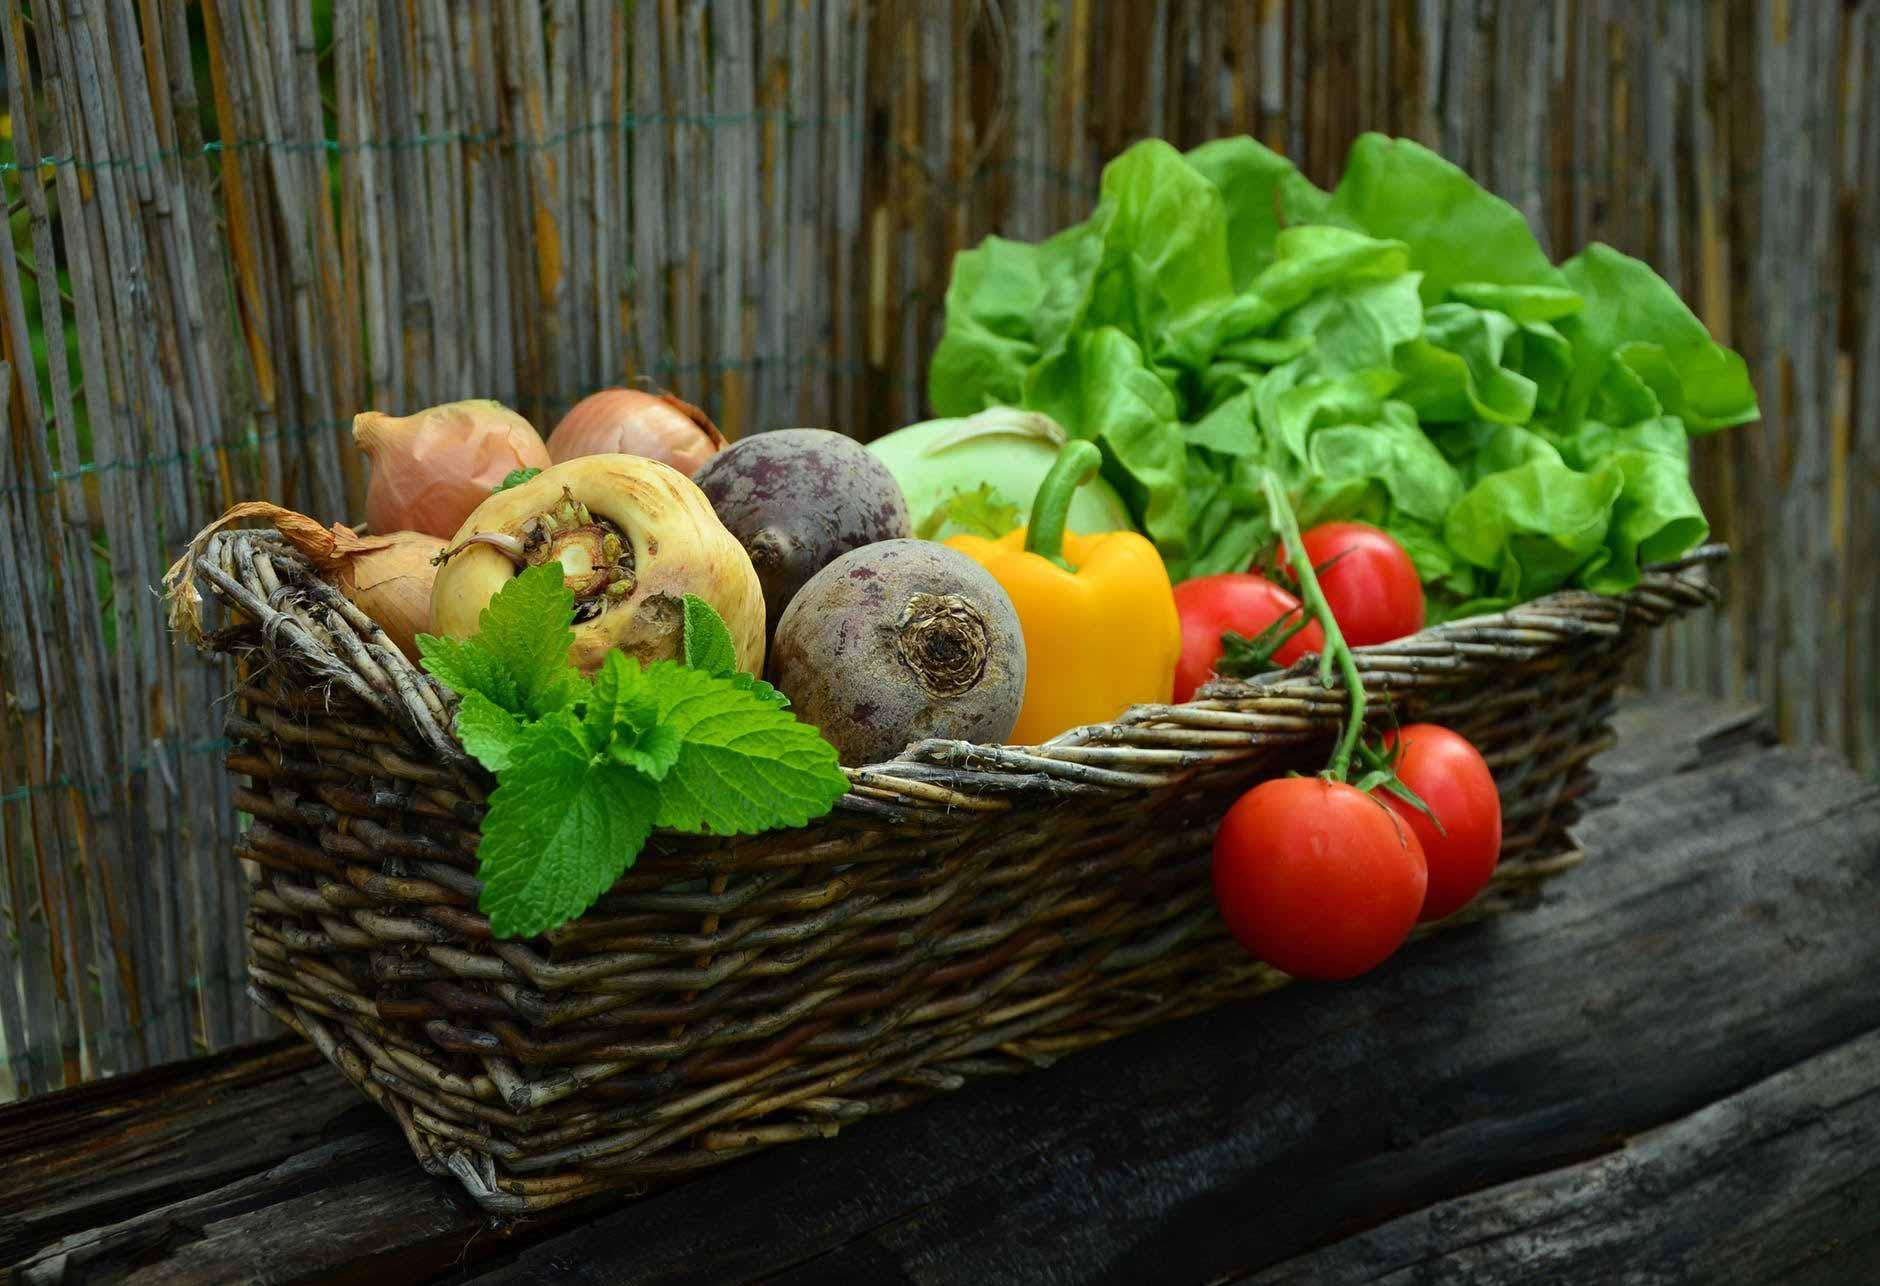 Design for Conscious Living - Edible Garden Design in Toronto - Basket of Edibles - Pixabay on Pexels